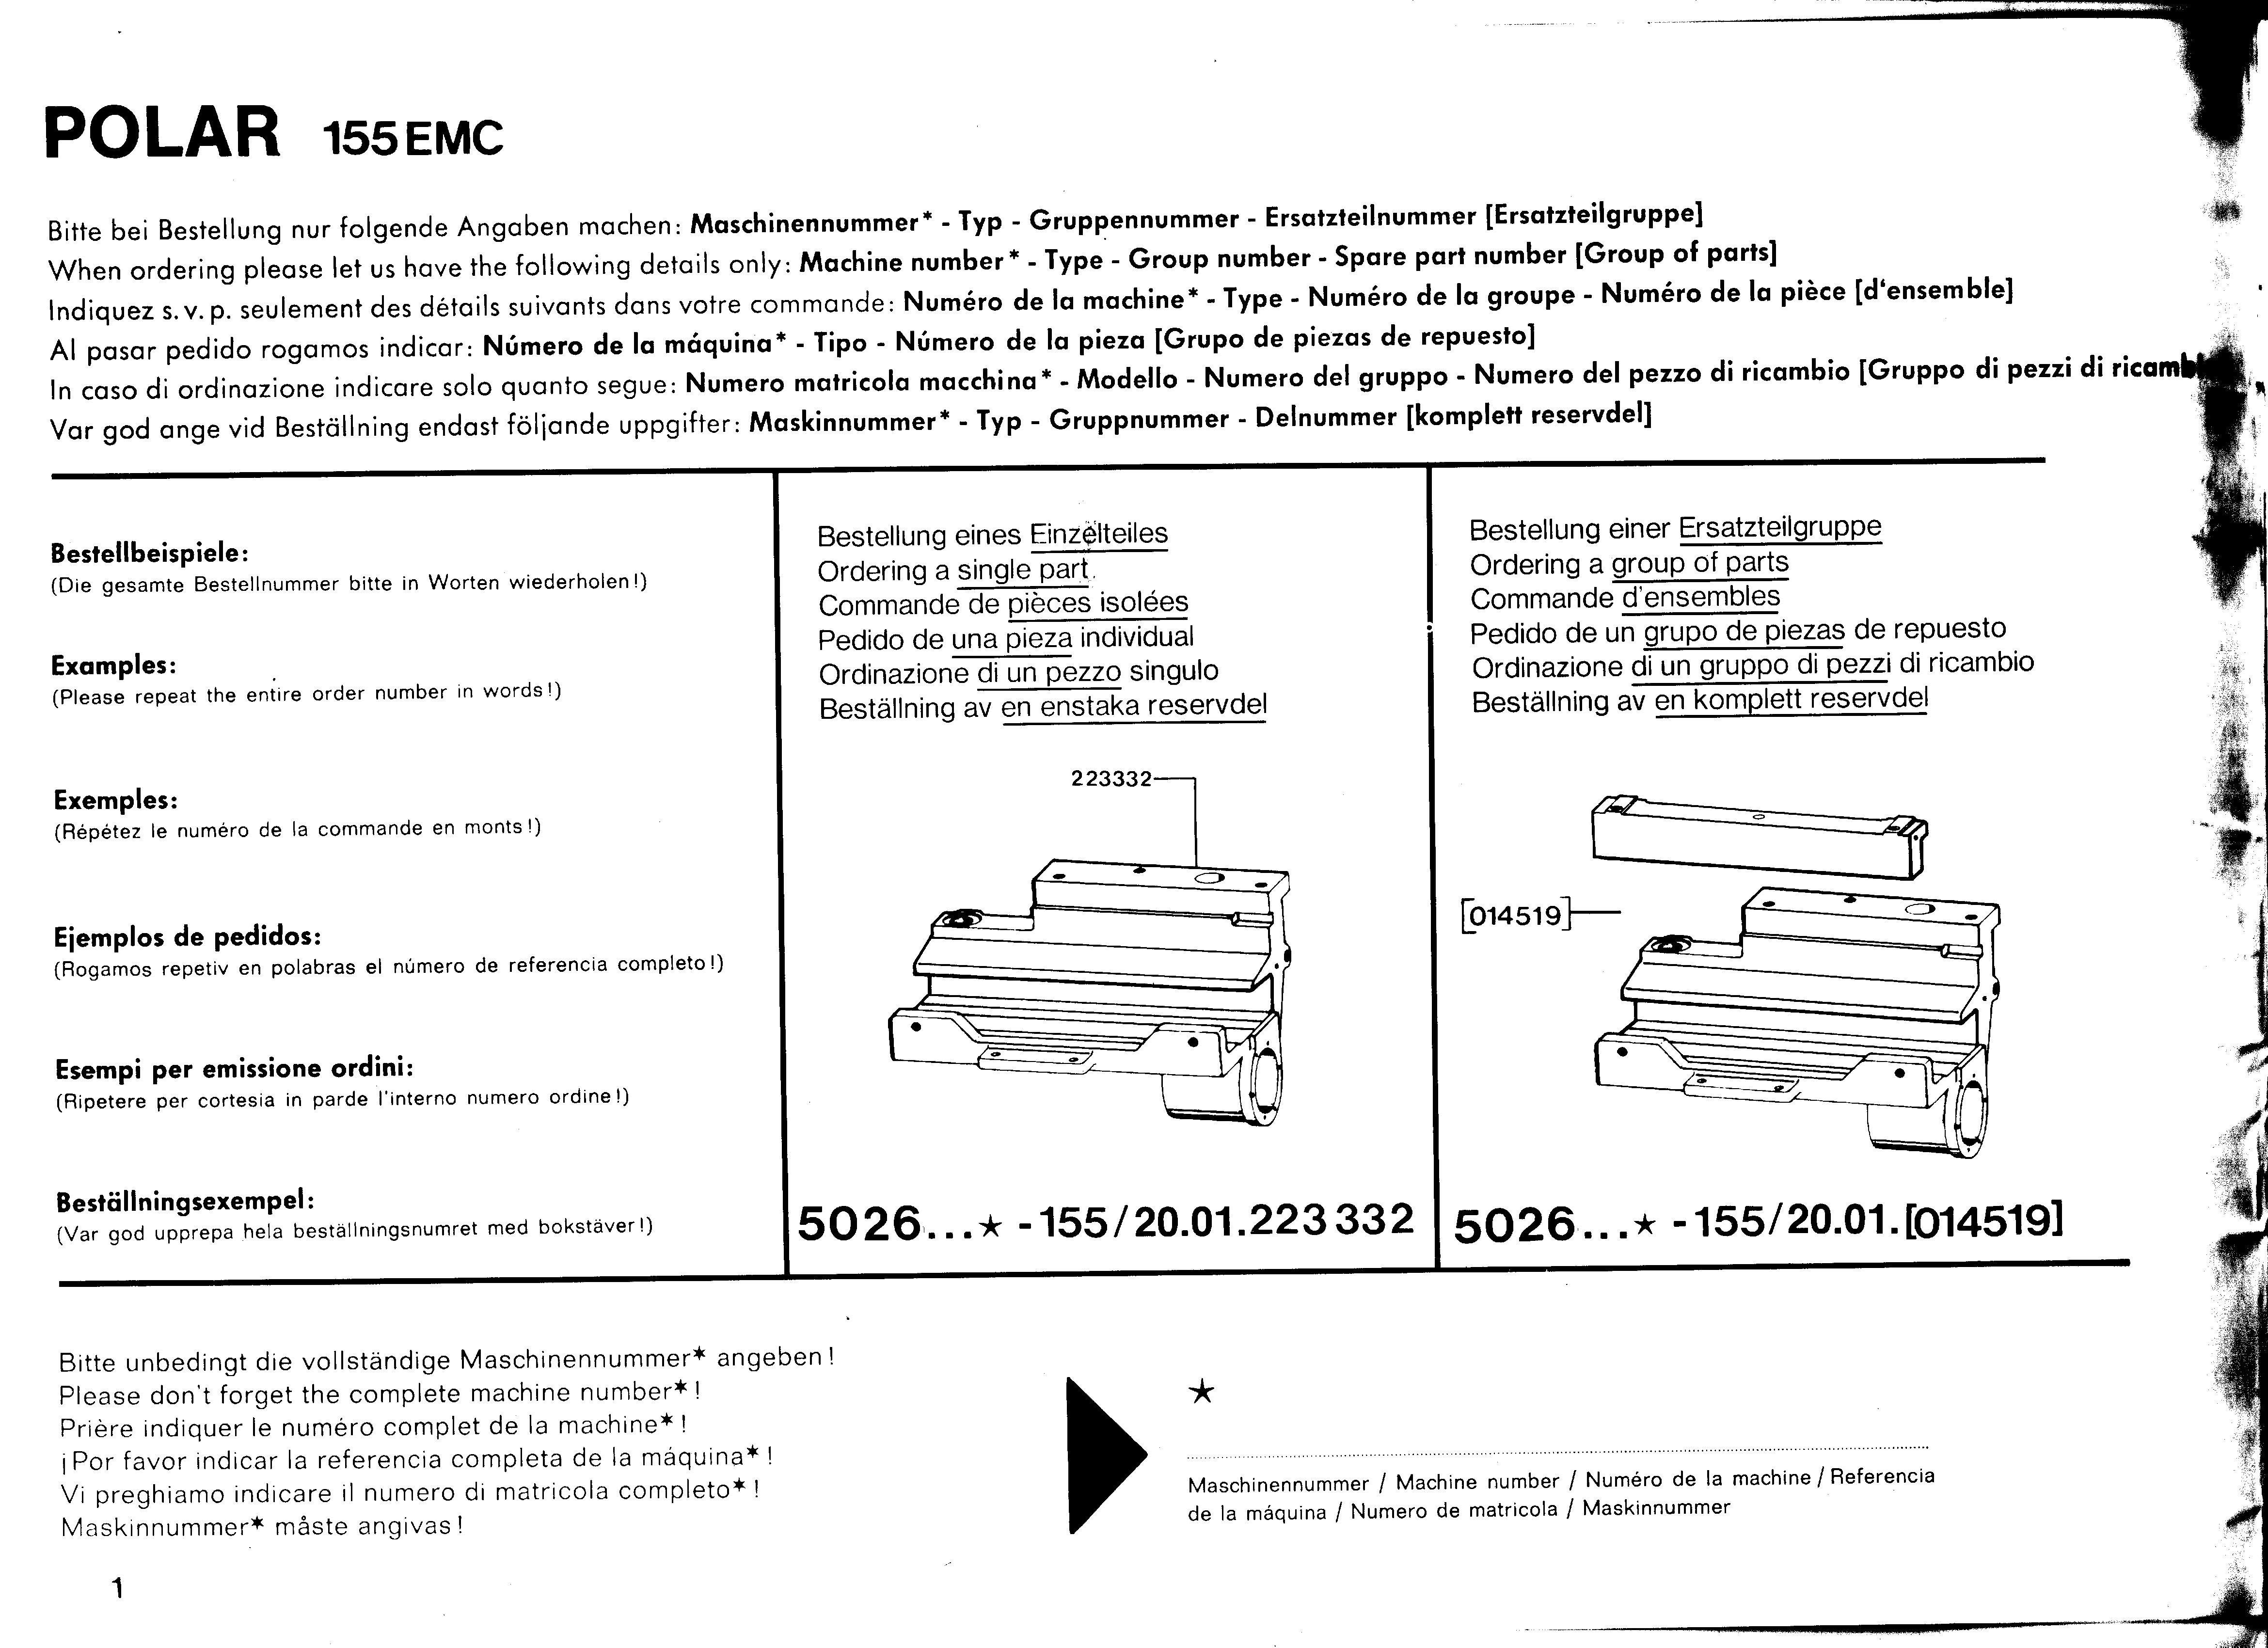 Polar 155EMC-1---001